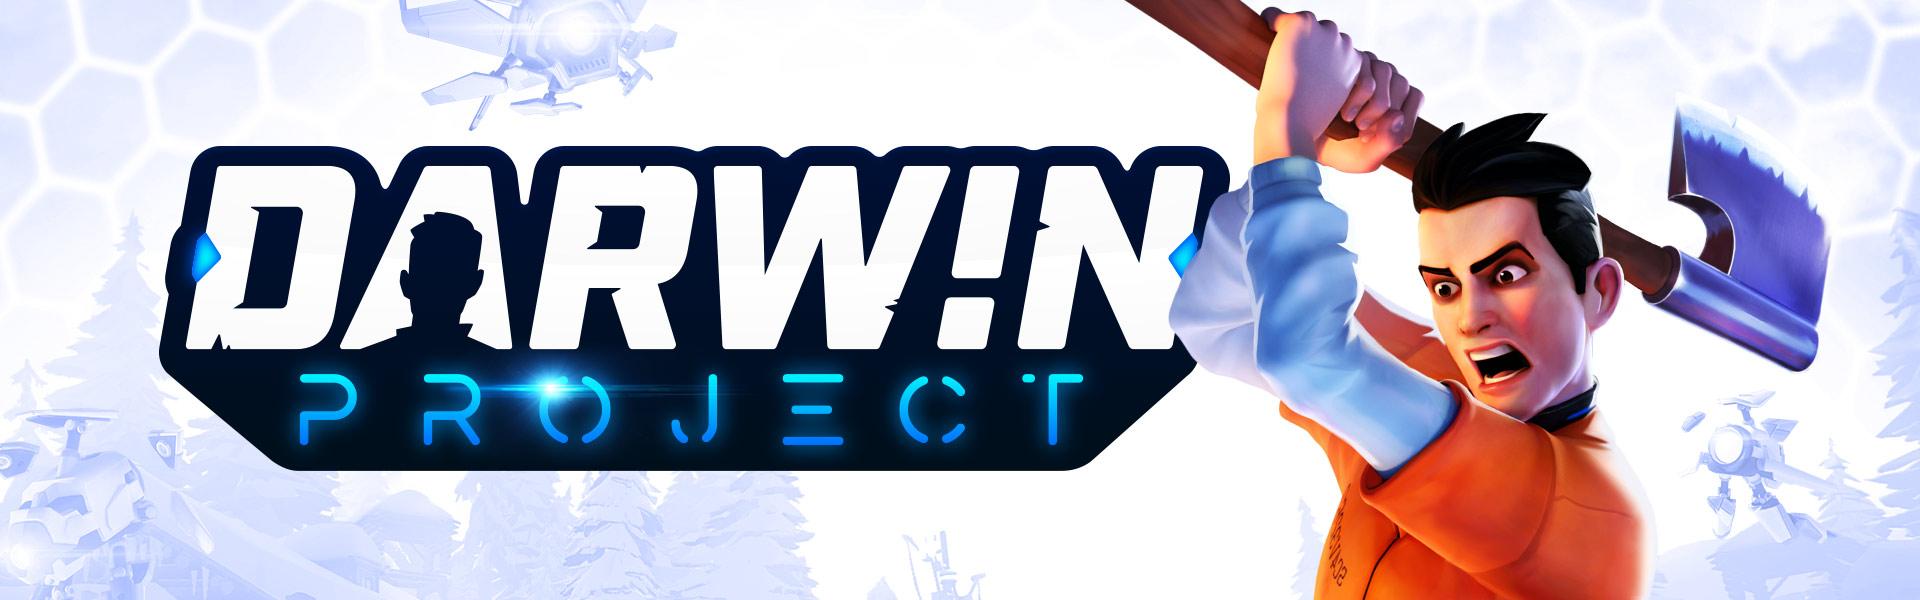 Darwin Project, mies pitelee kirvestä kohotettuna olkansa yli samalla, kun pieni robottilennokki katsoo häntä